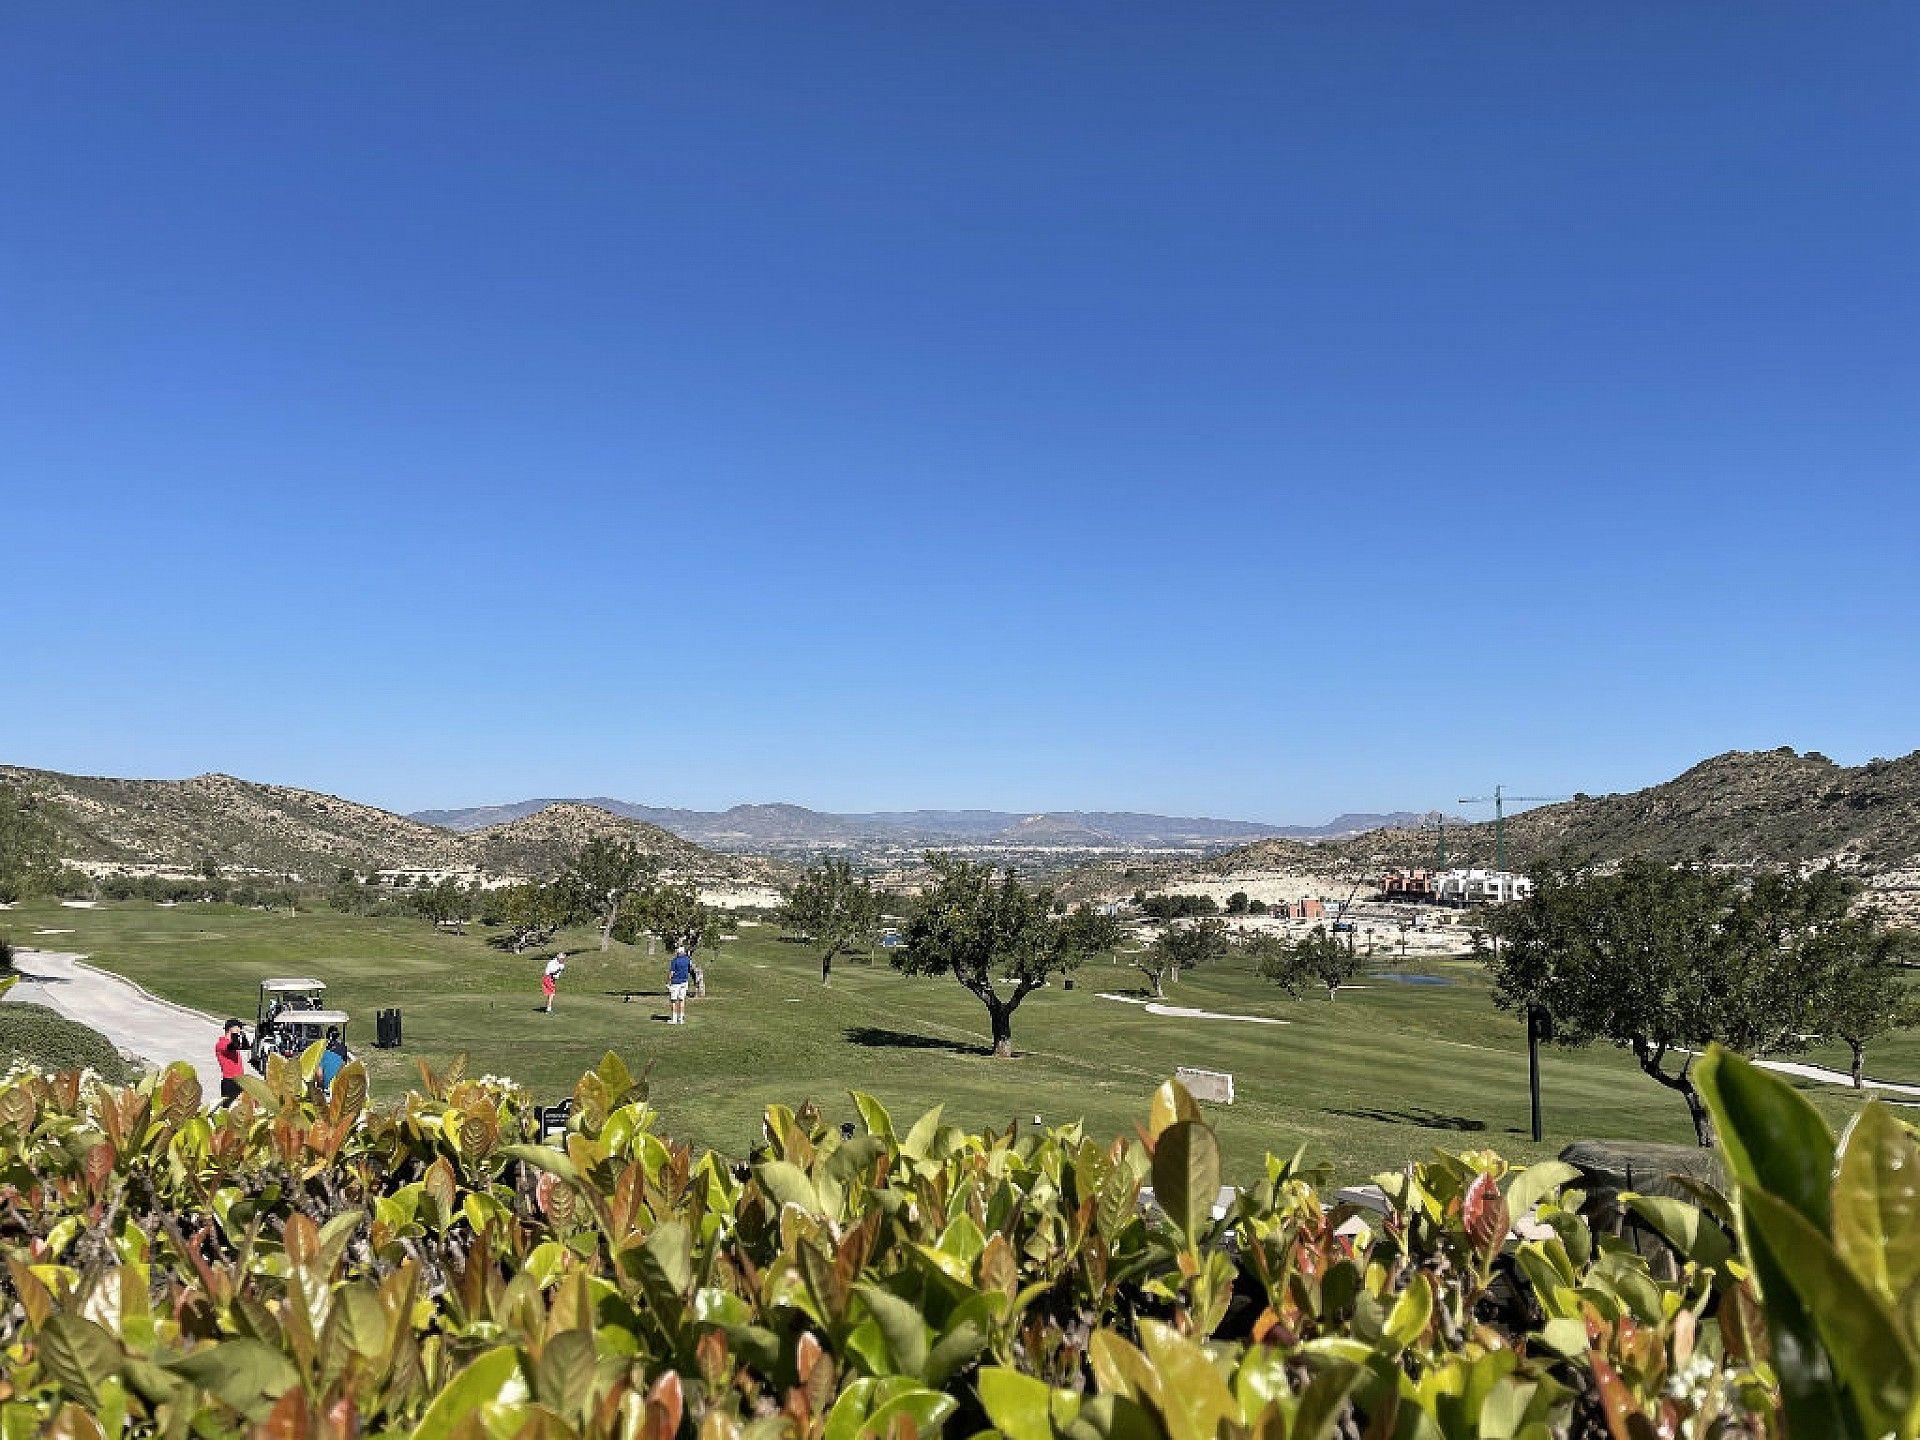 w_nieuwbouw-appartement-te-koop-golf-alicante-montforte-costa-blanca-spanje-golfview-017.jpg